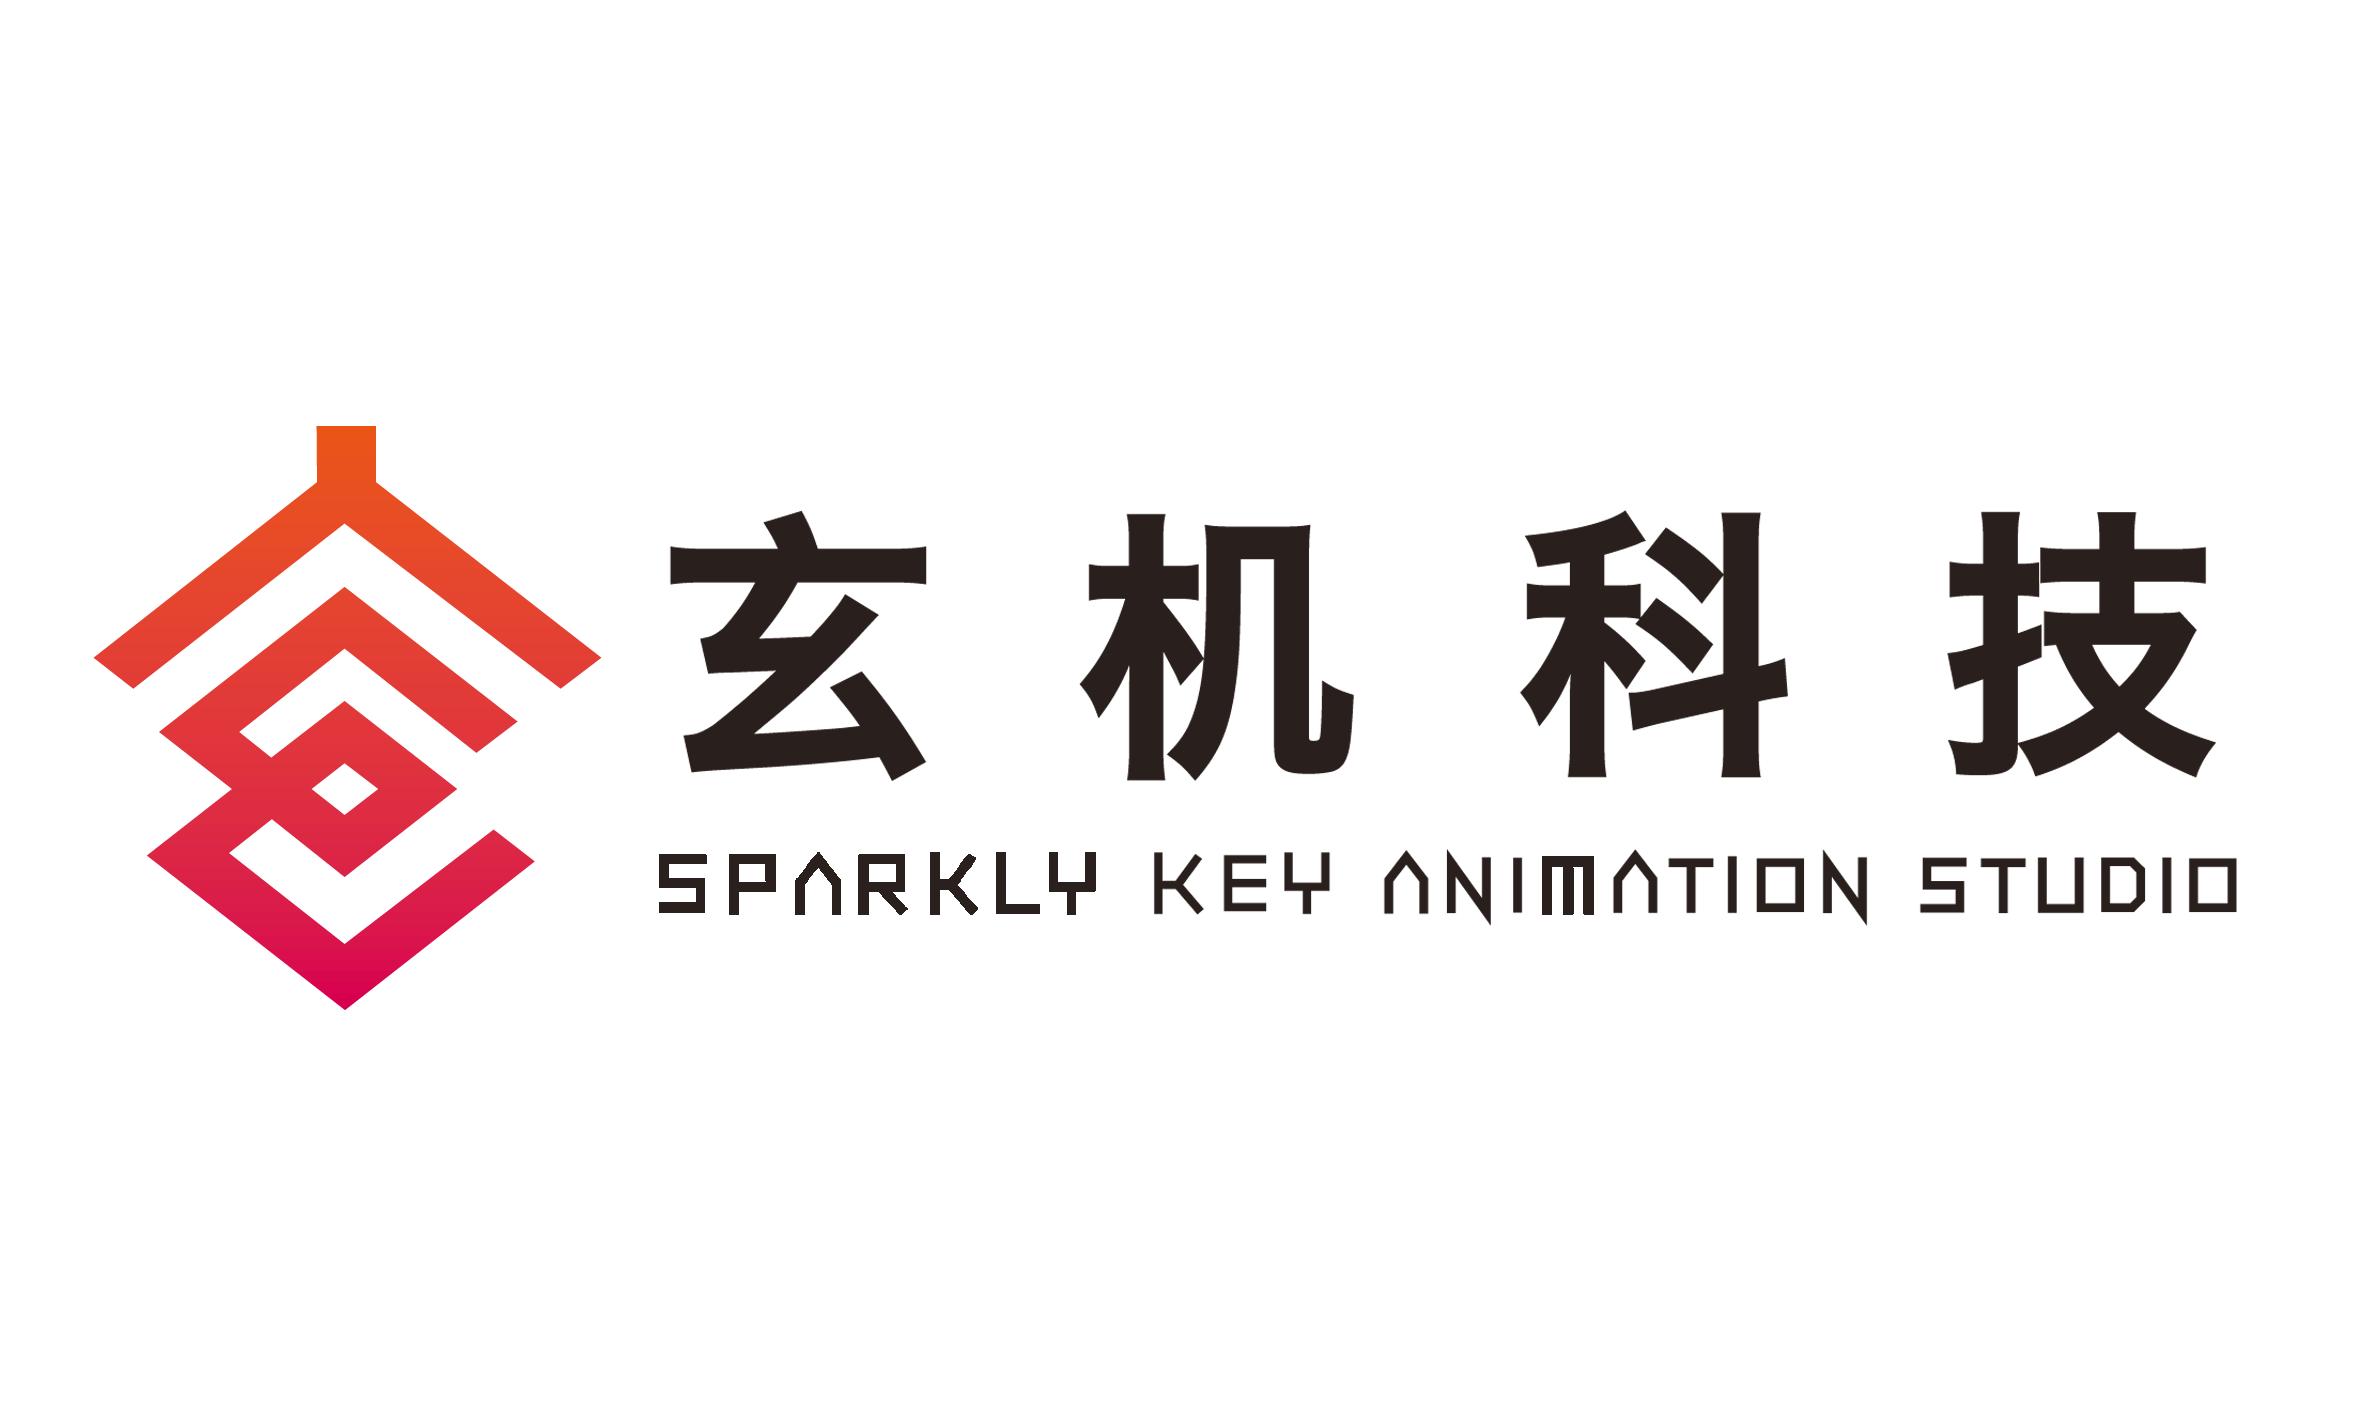 Аниме студии Sparkly Key Animation